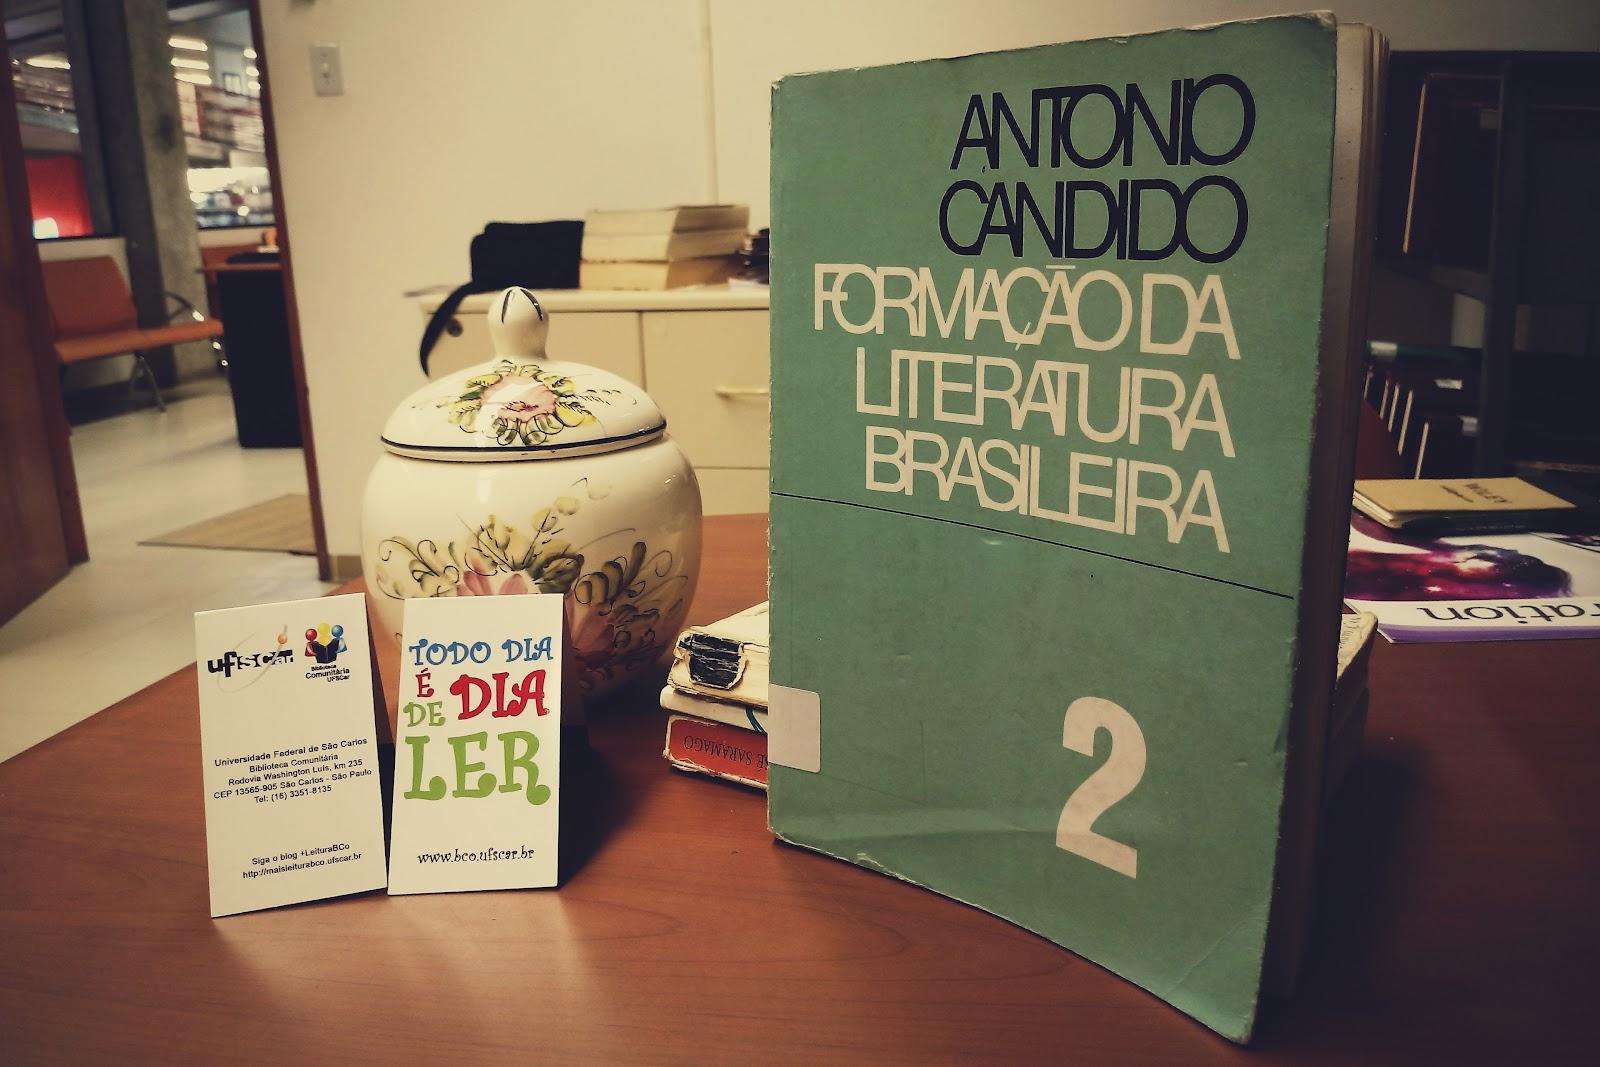 formação da literatura brasileira.jpg